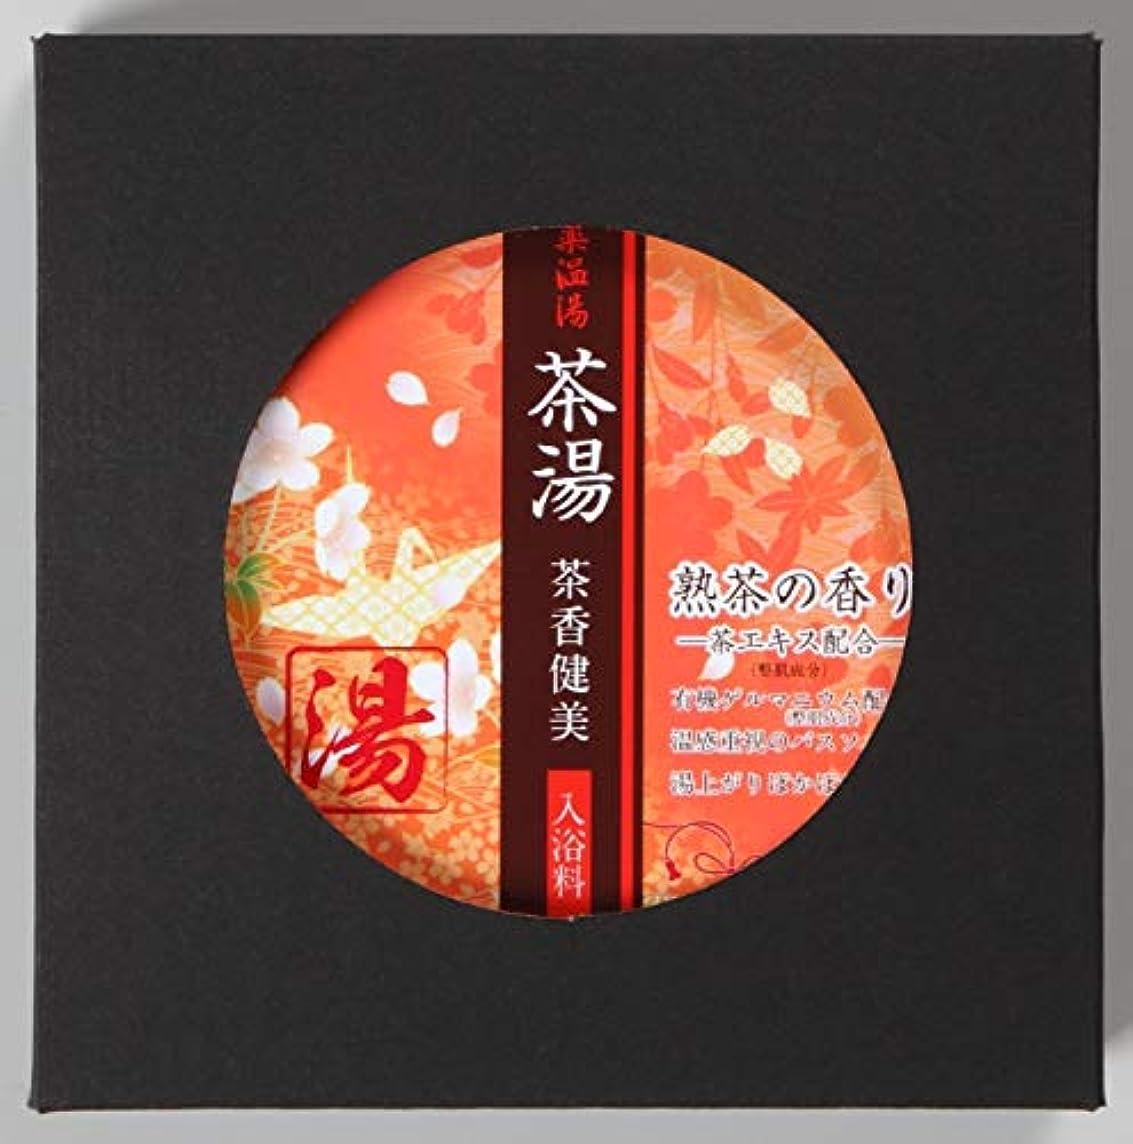 キャメルのみ戸口薬温湯 茶湯 入浴料 熟茶の香り POF-10J